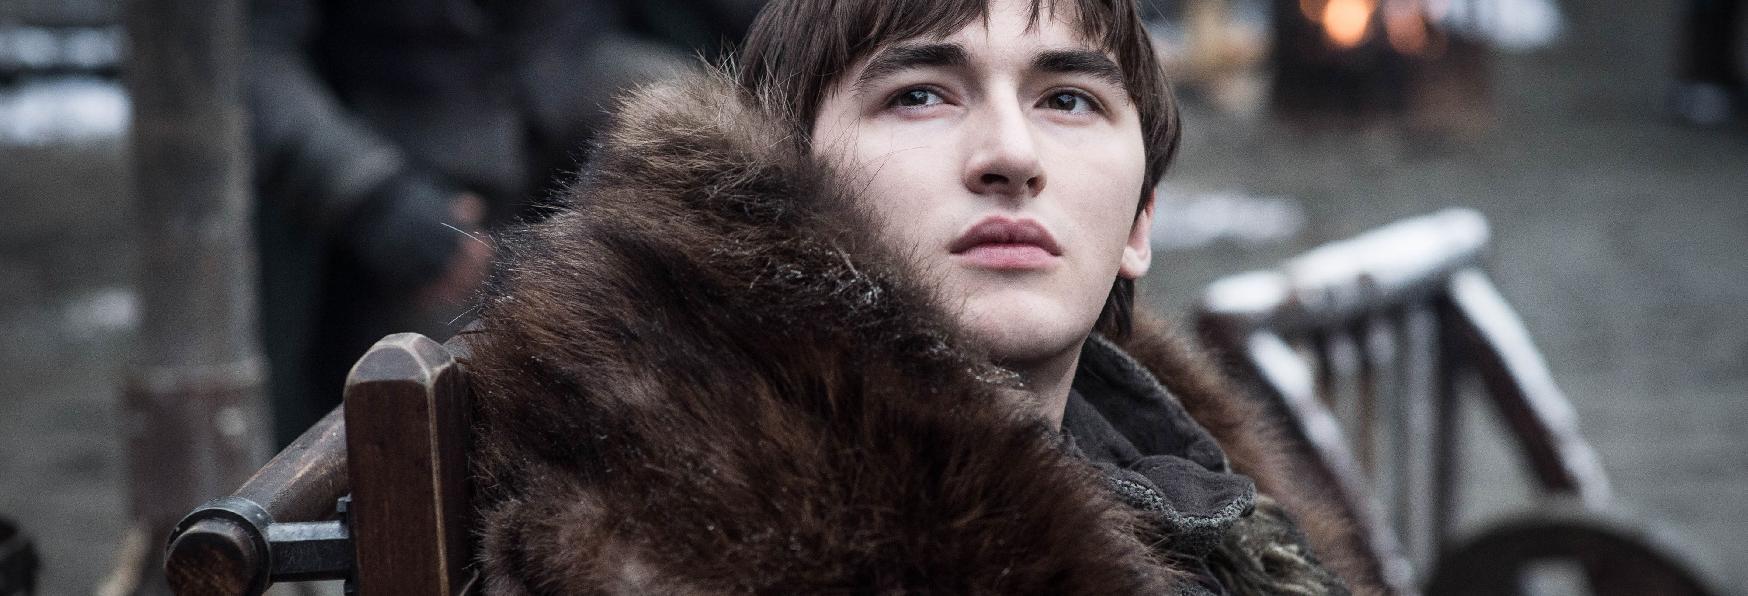 Game of Thrones: il Teaser Trailer dell'Episodio 8x03 della nota Serie HBO